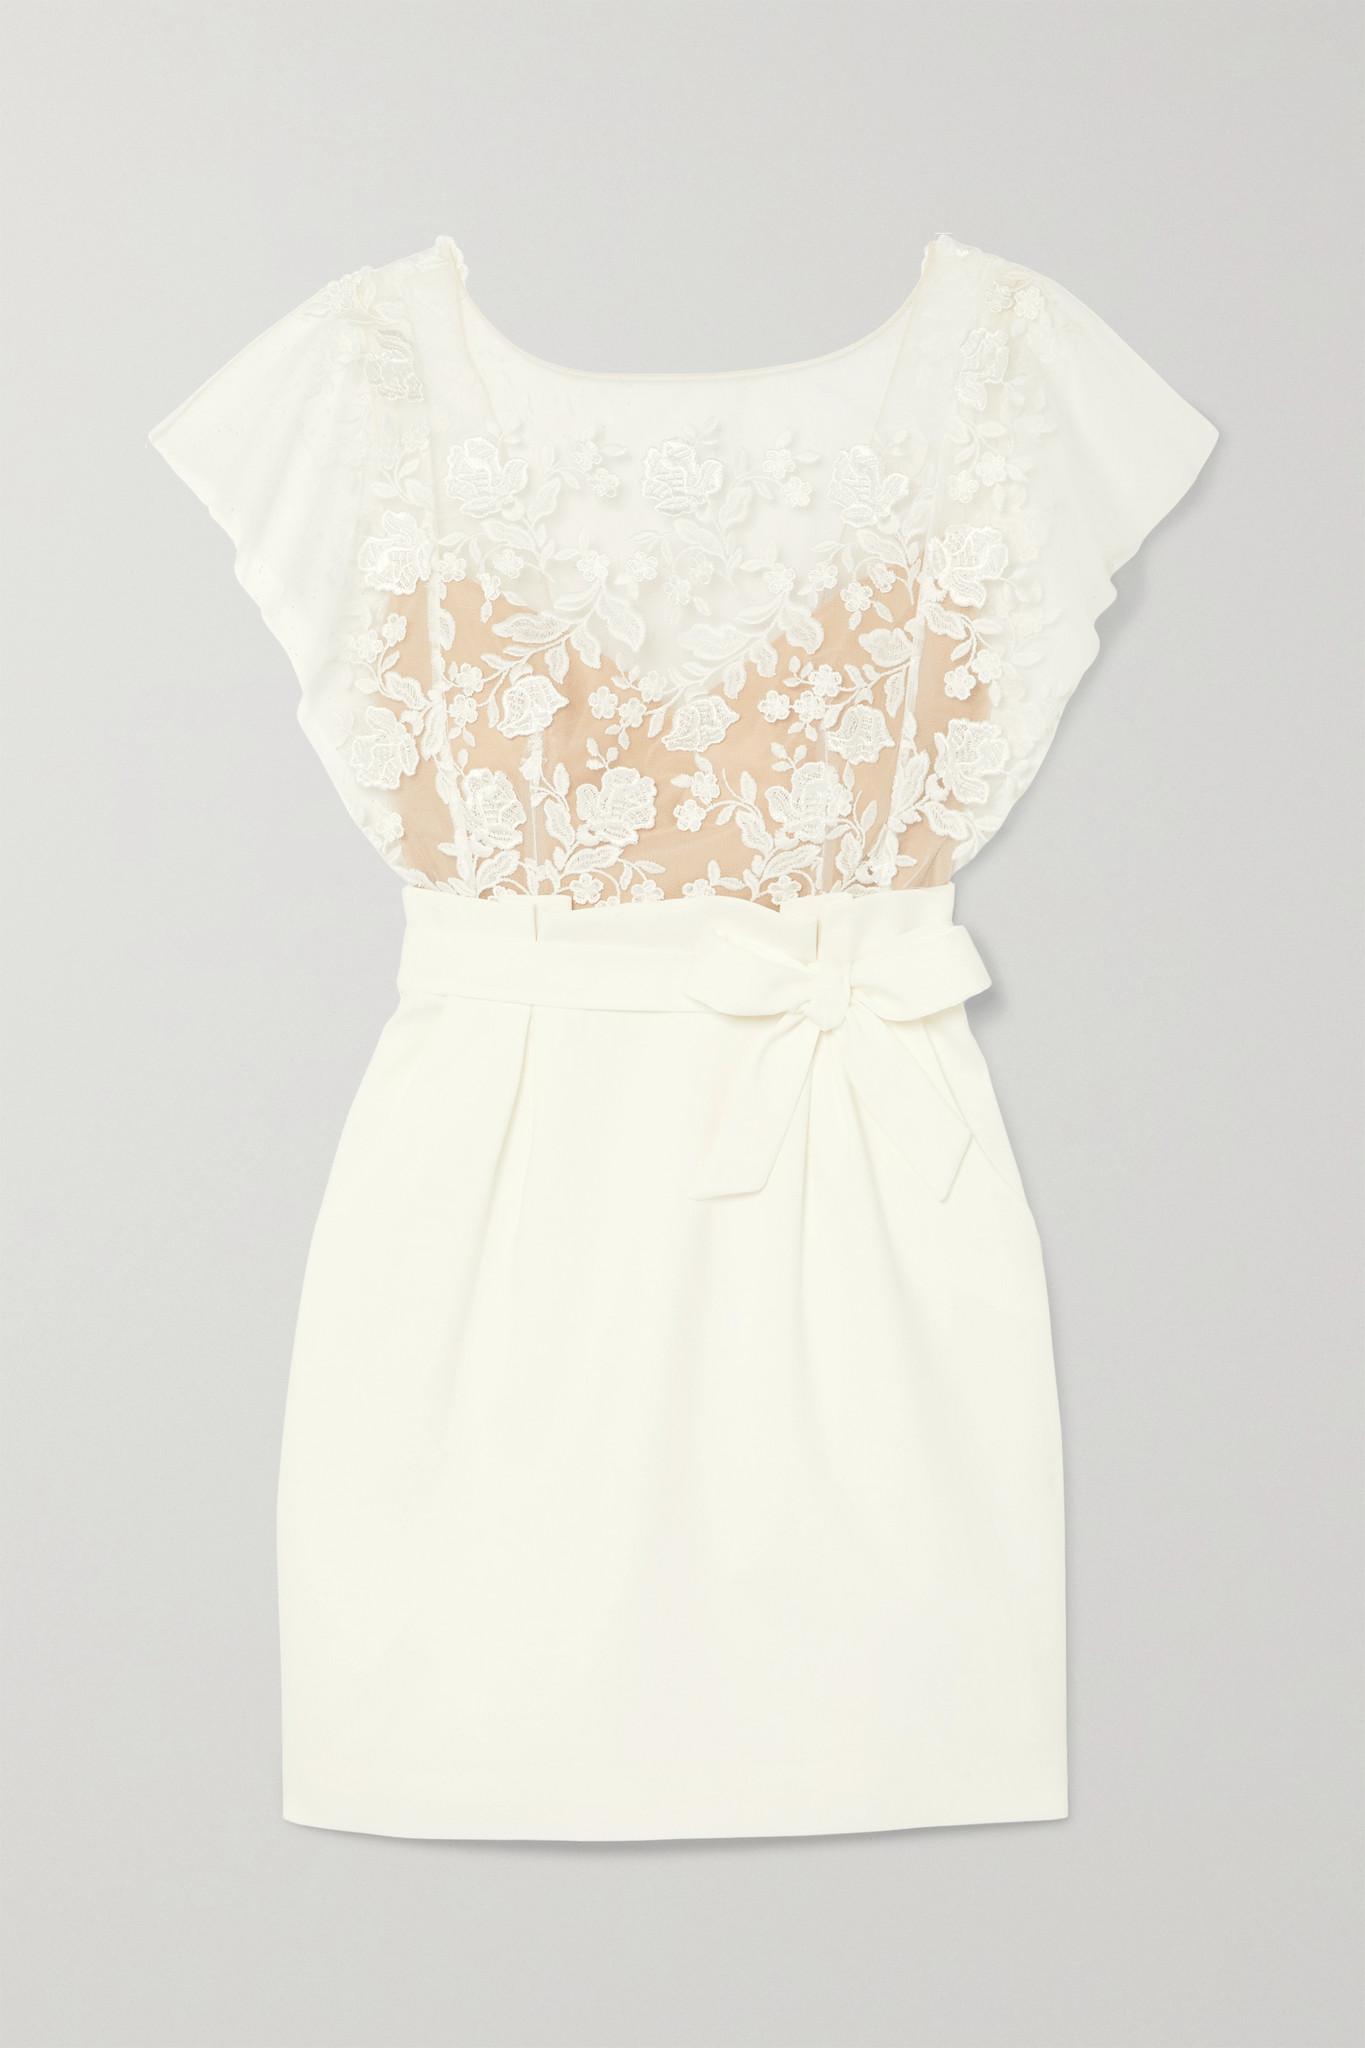 RIME ARODAKY - Baker Embroidered Tulle And Crepe Mini Dress - White - FR40